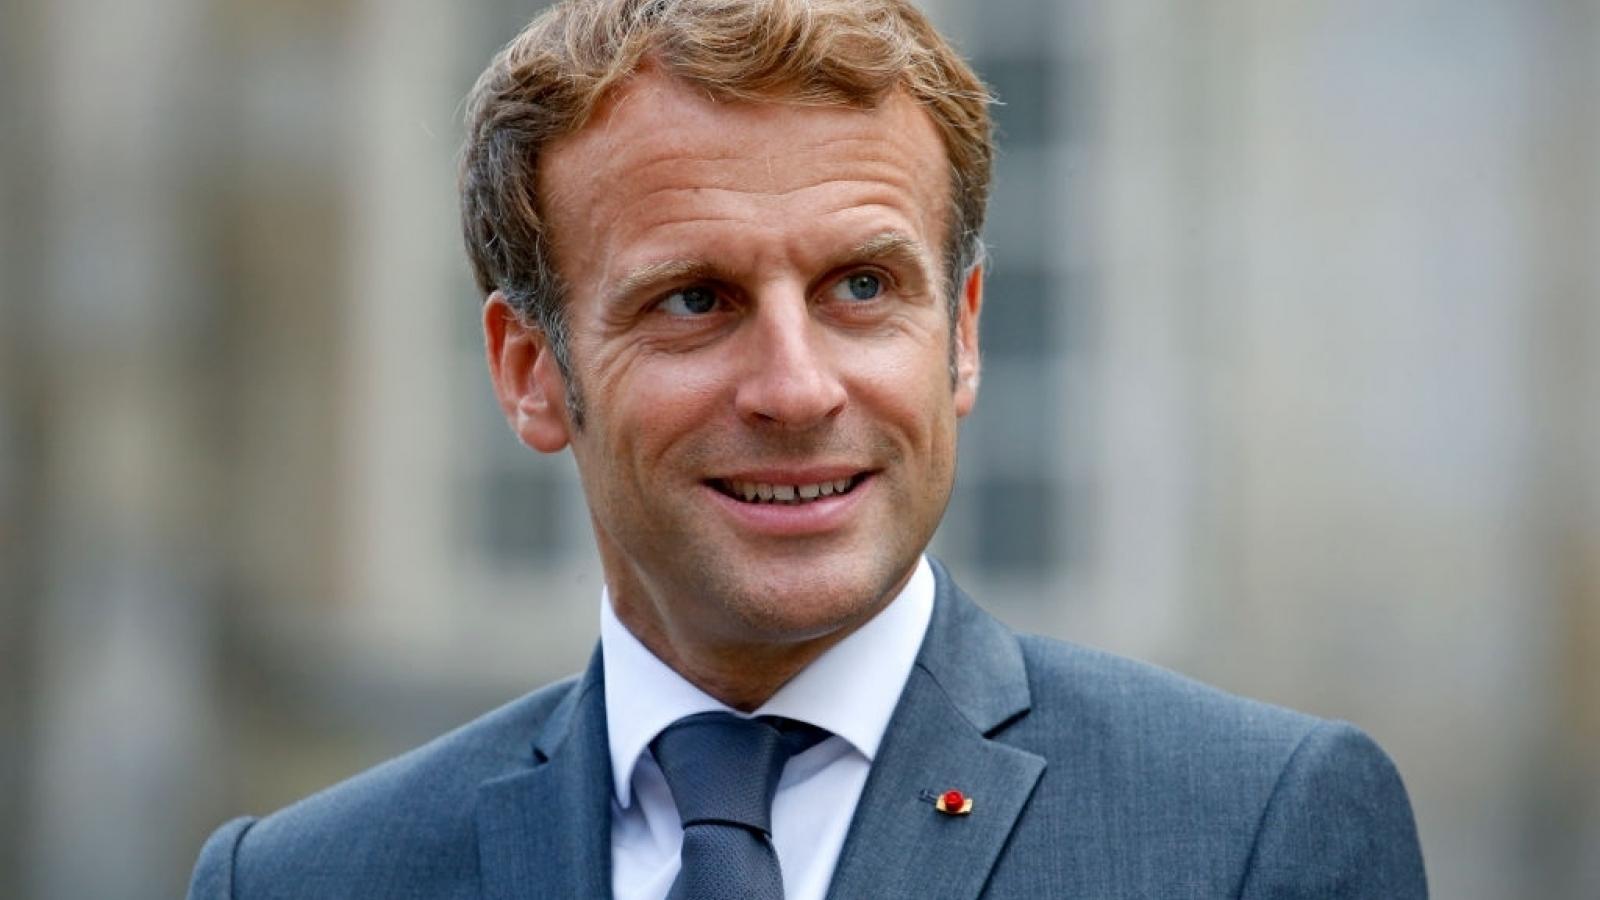 Pháp tuyên bố đã tiêu diệt thủ lĩnh tổ chức Nhà nước Hồi giáo IS